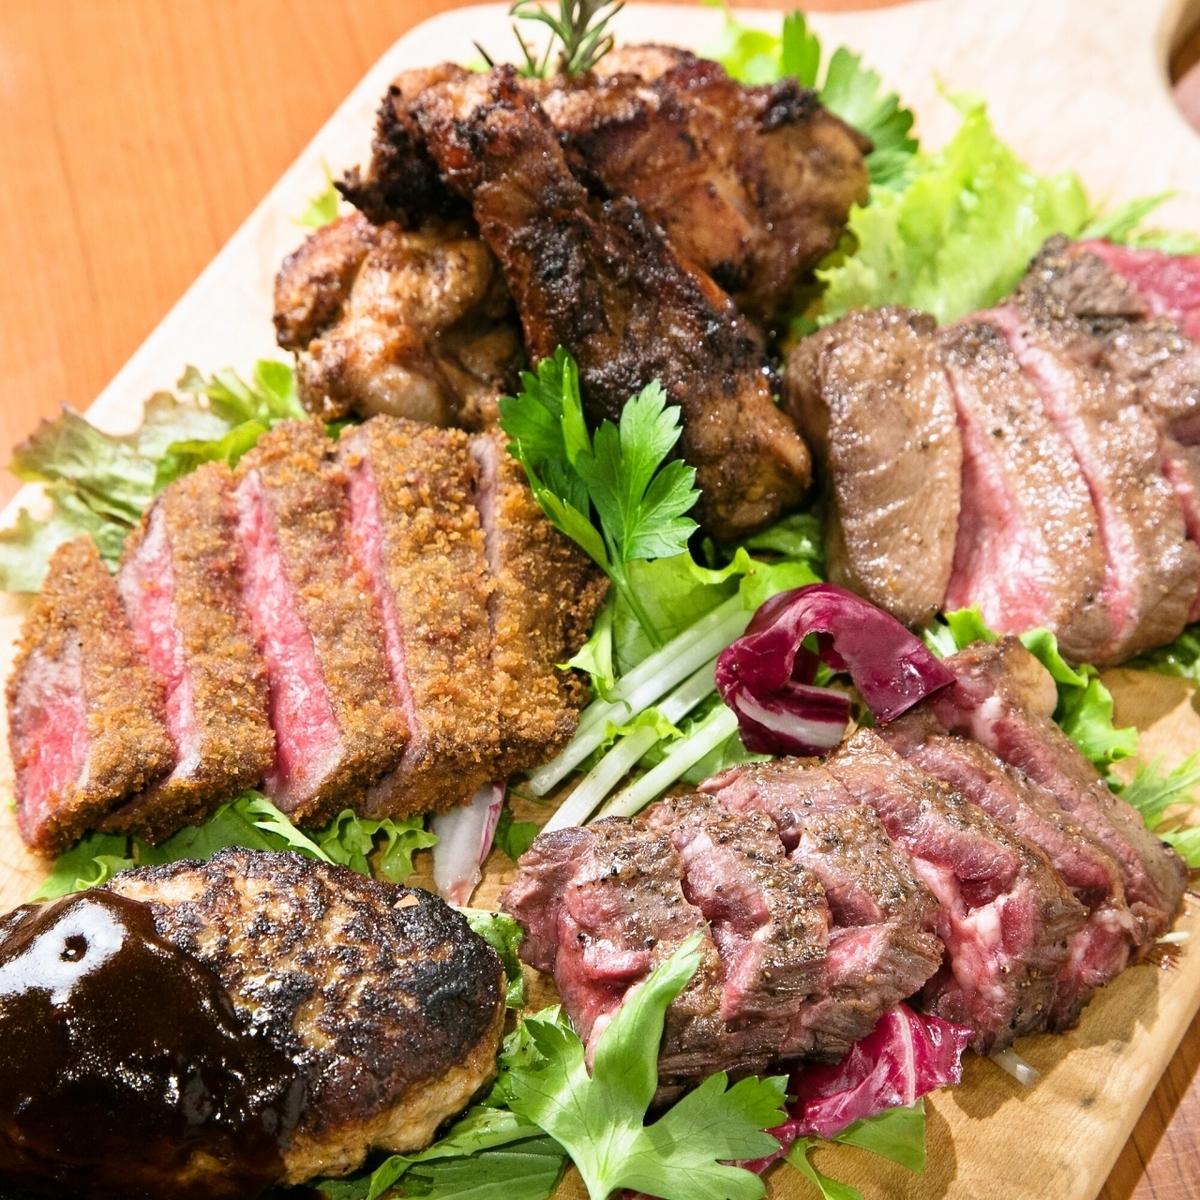 ■5种肉(汉堡牛排,牛排,烤牛排)